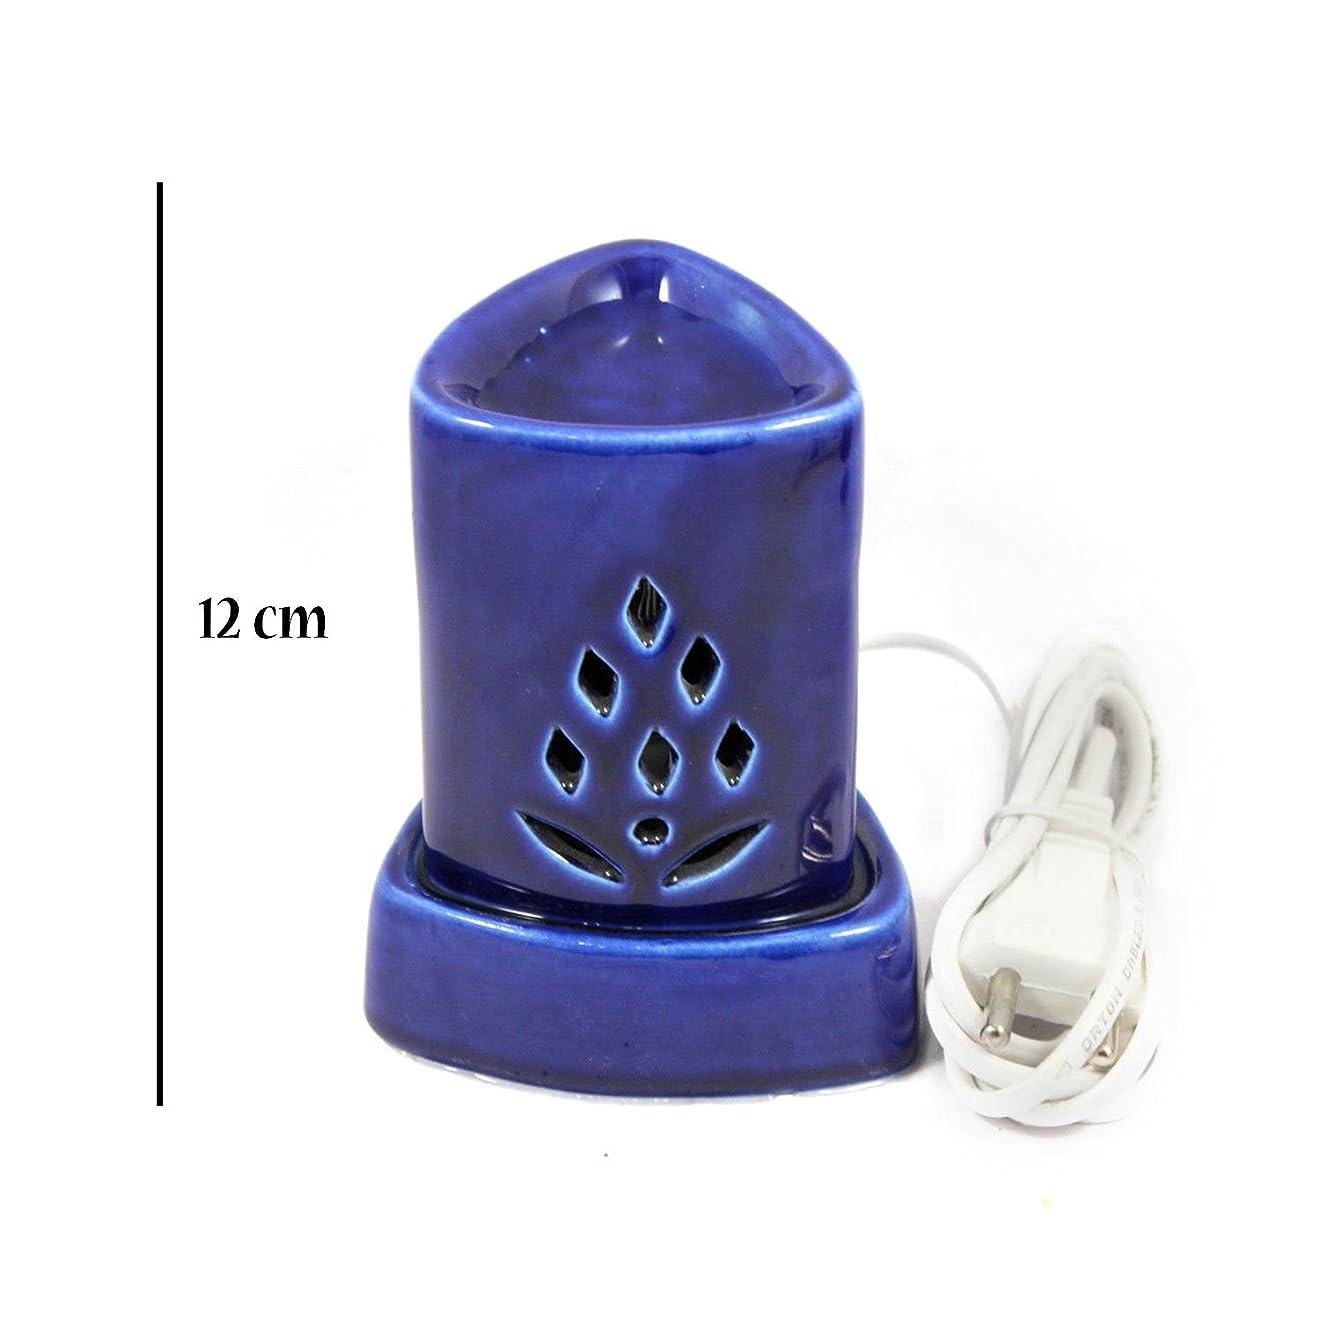 曲悪性の流産インドホームインテリア定期的な使用法汚染フリーハンドメイドセラミック粘土電気アロマオイルバーナー&ティーライトランプ/良質ホワイトカラー電気アロマオイルバーナーまたはアロマオイルディフューザー数量1